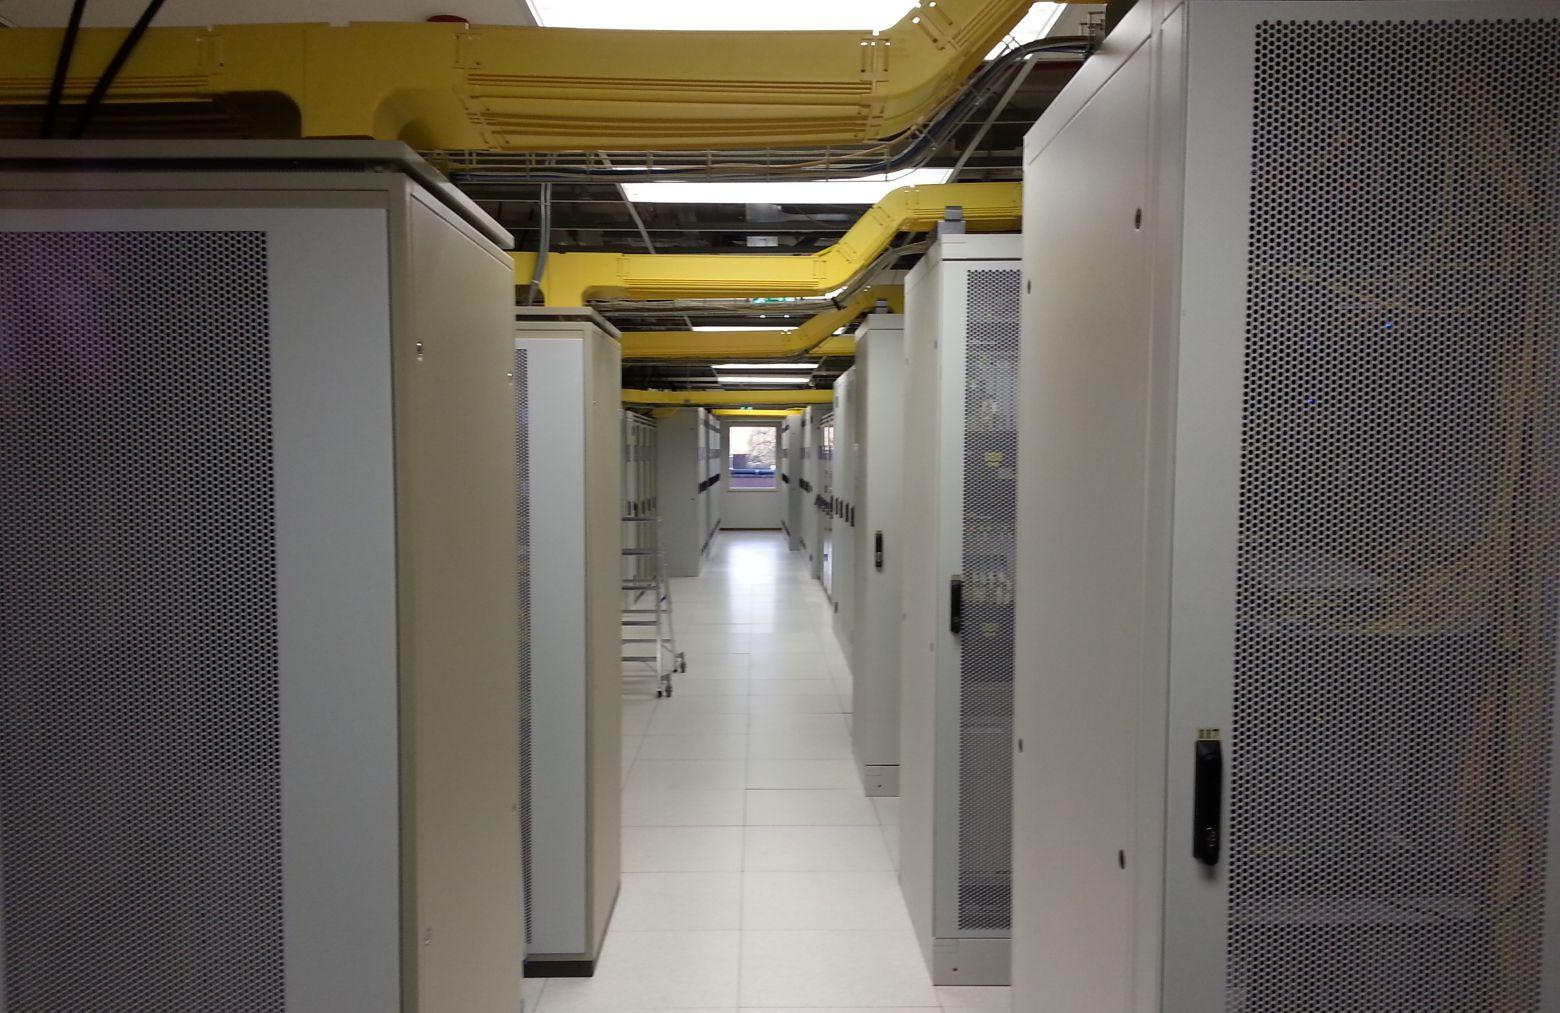 Дата-центр возле Амстердама называют выгребной ямой интернета, но он продолжает работу